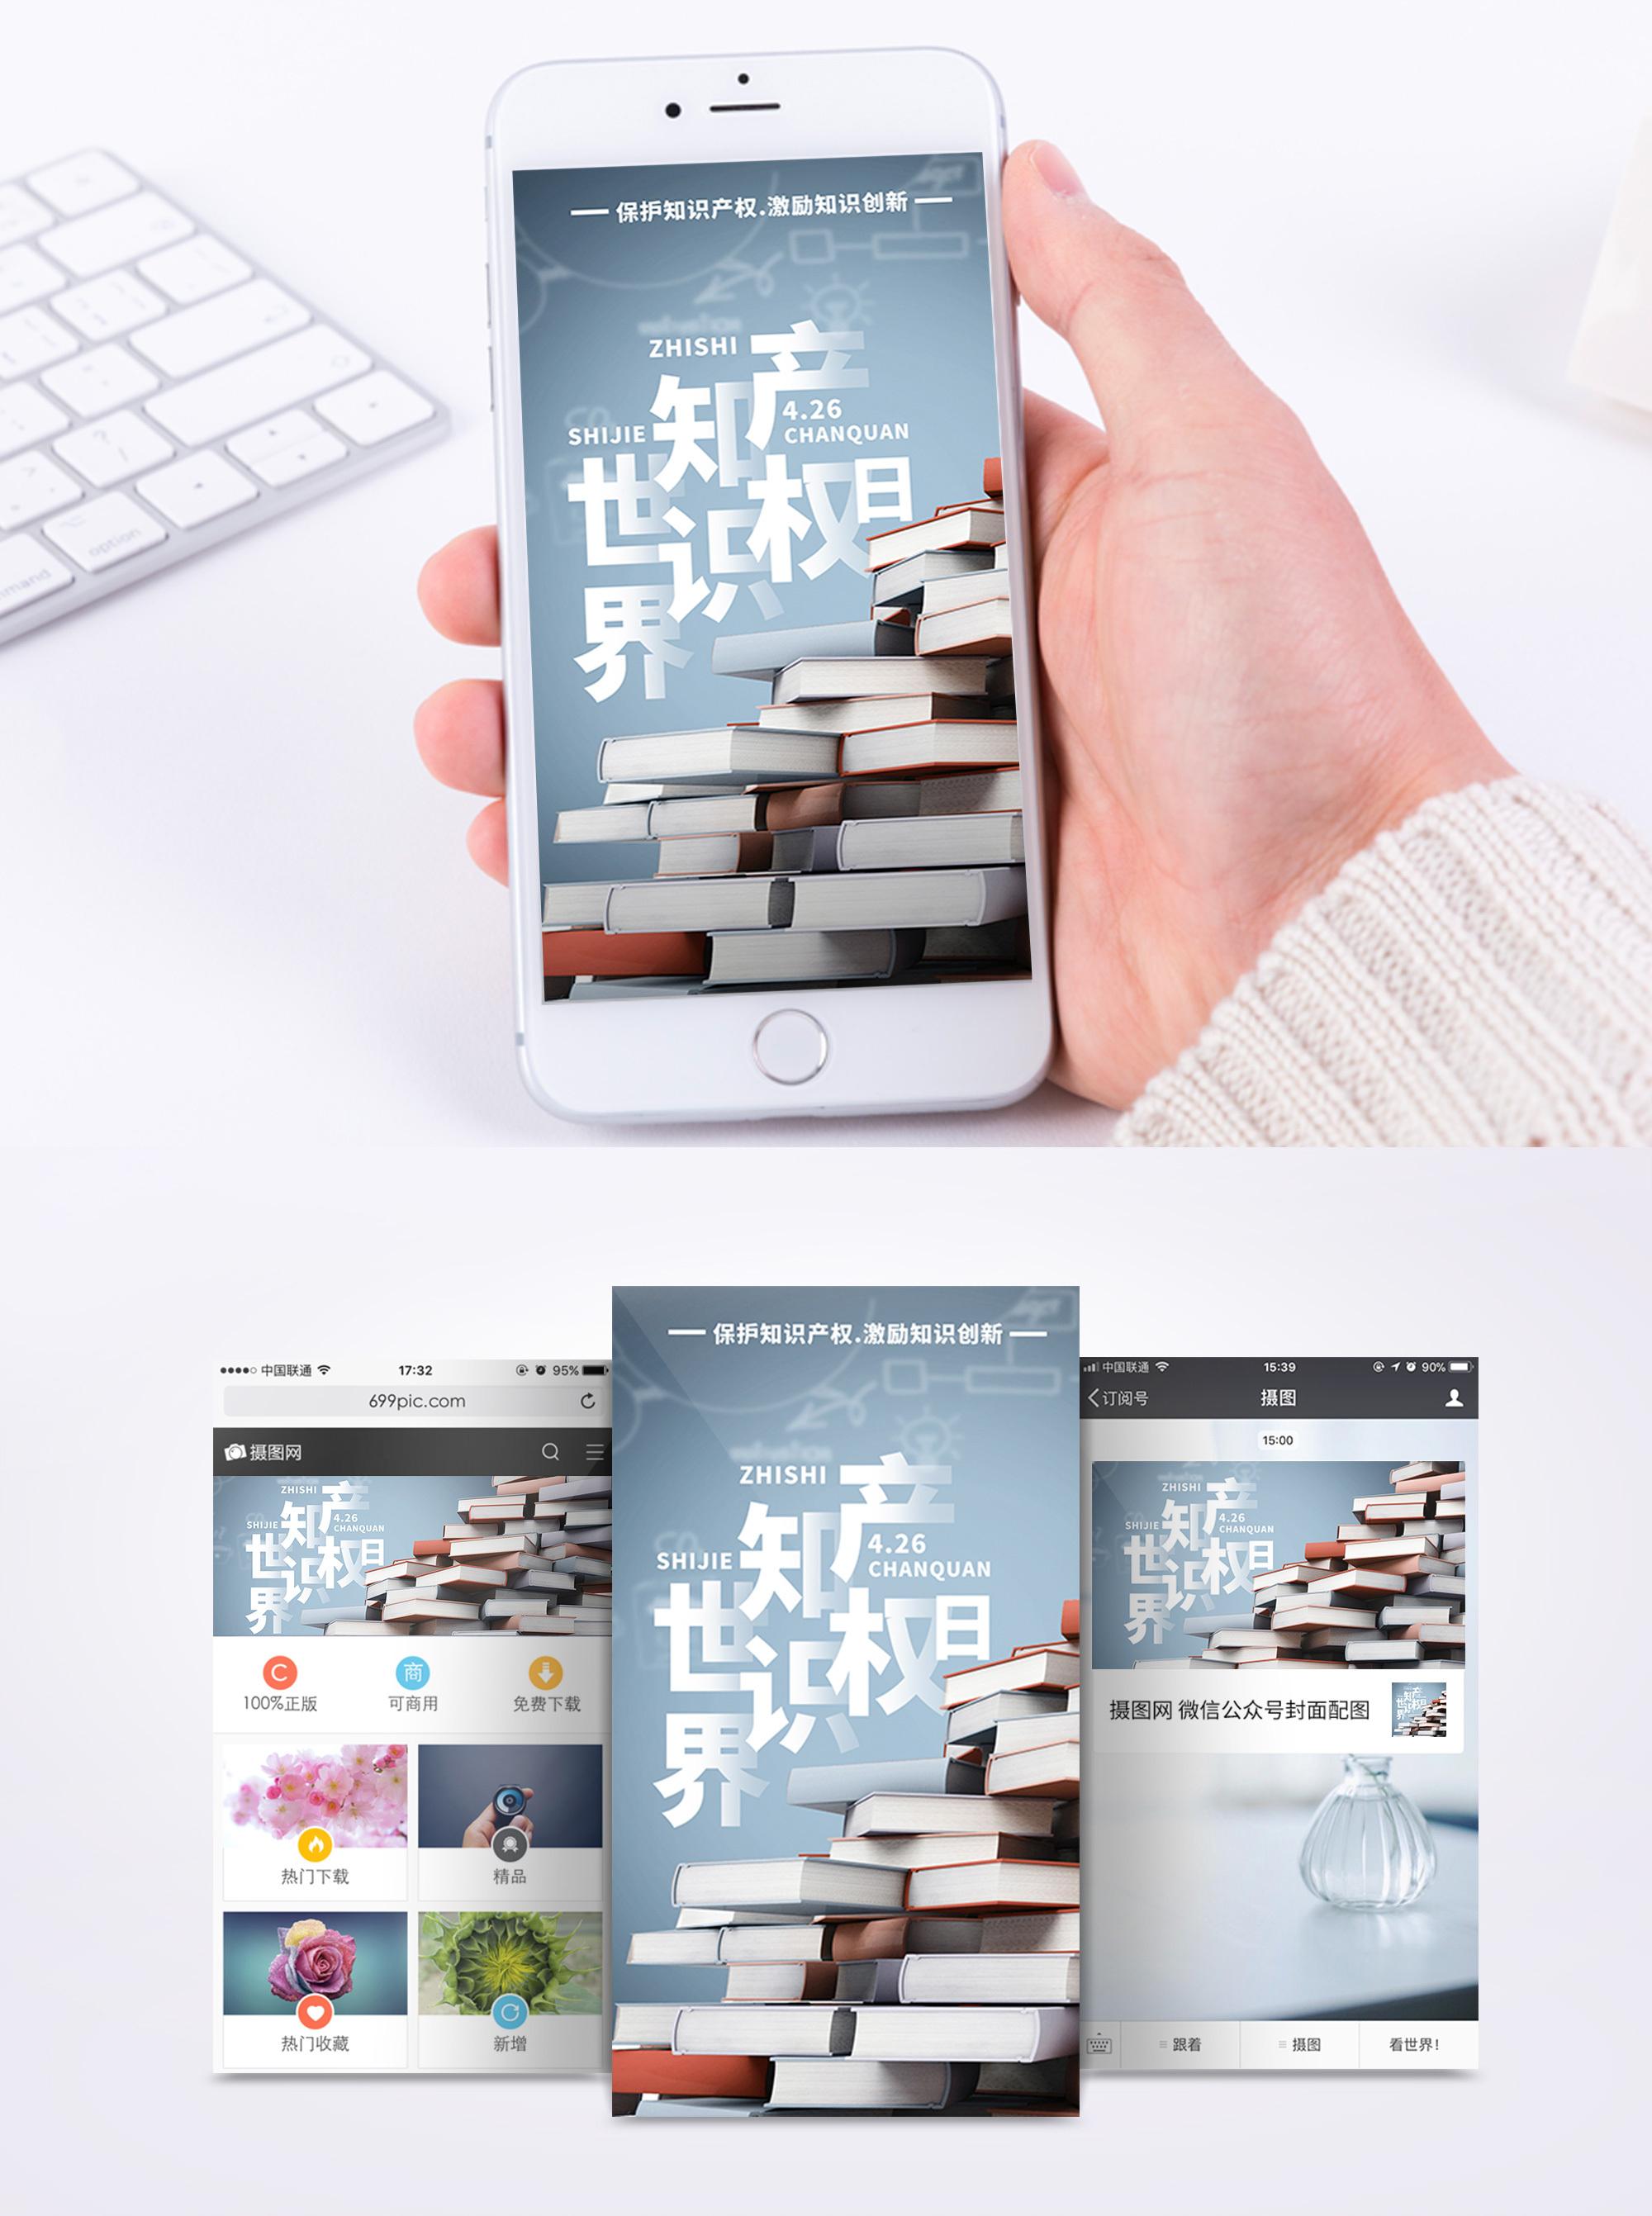 世界知识产权日手机海报配图高清图片